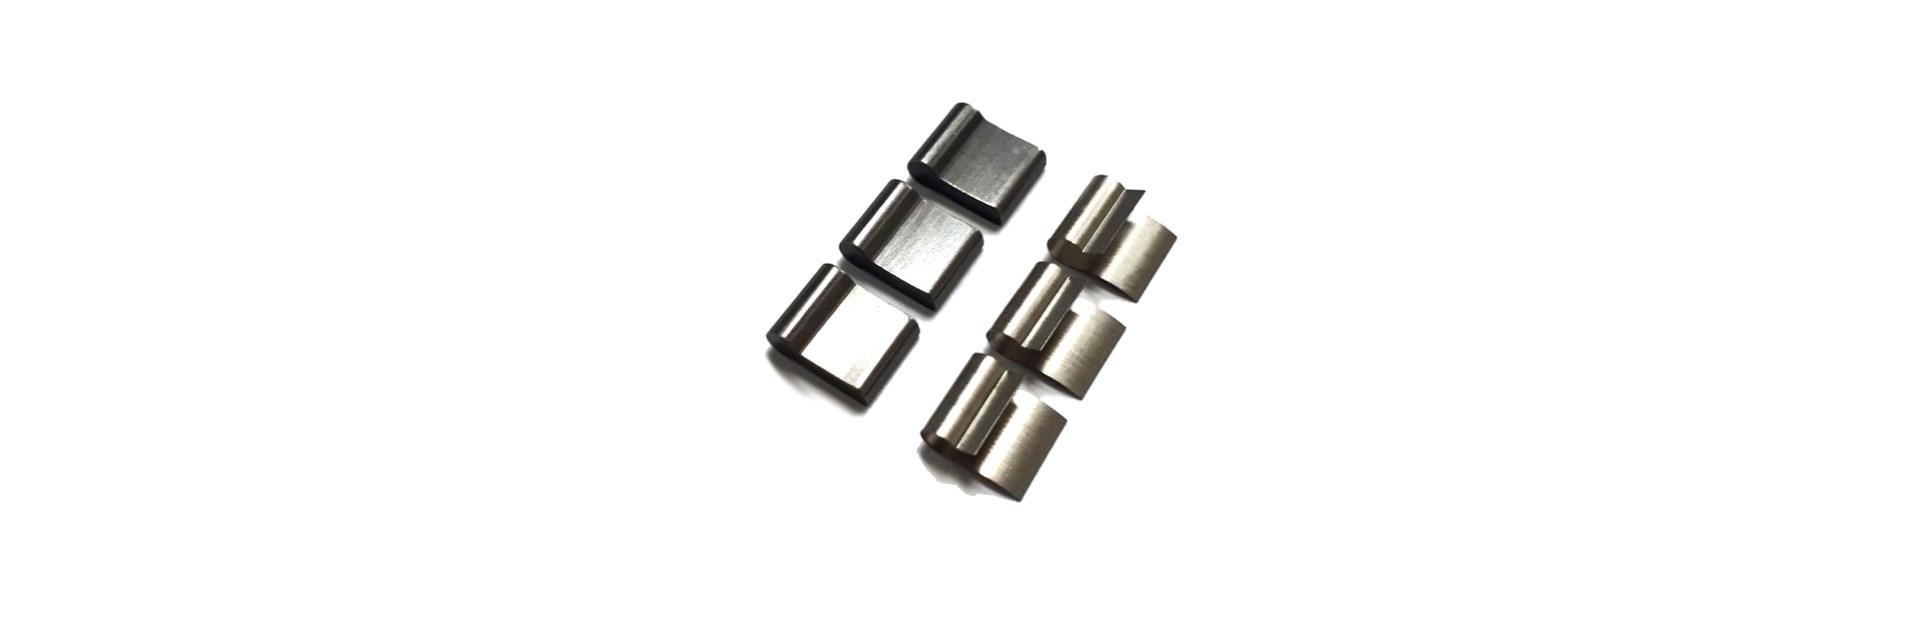 Kit 03 Dentes P/ Freehub - DV10 / V17